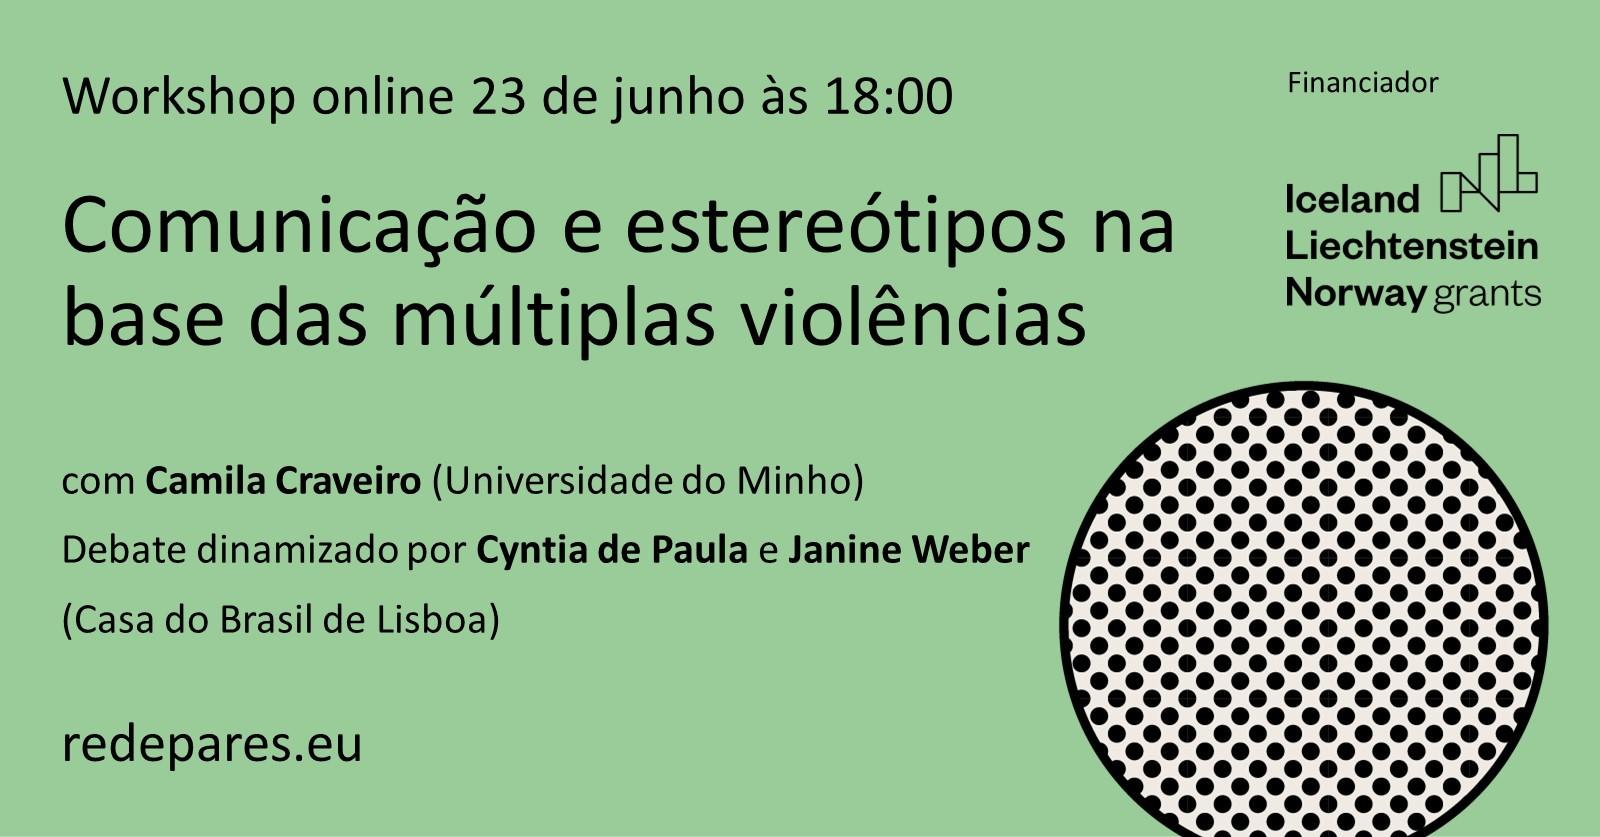 Workshop Comunicação e estereótipos na base das múltiplas violências